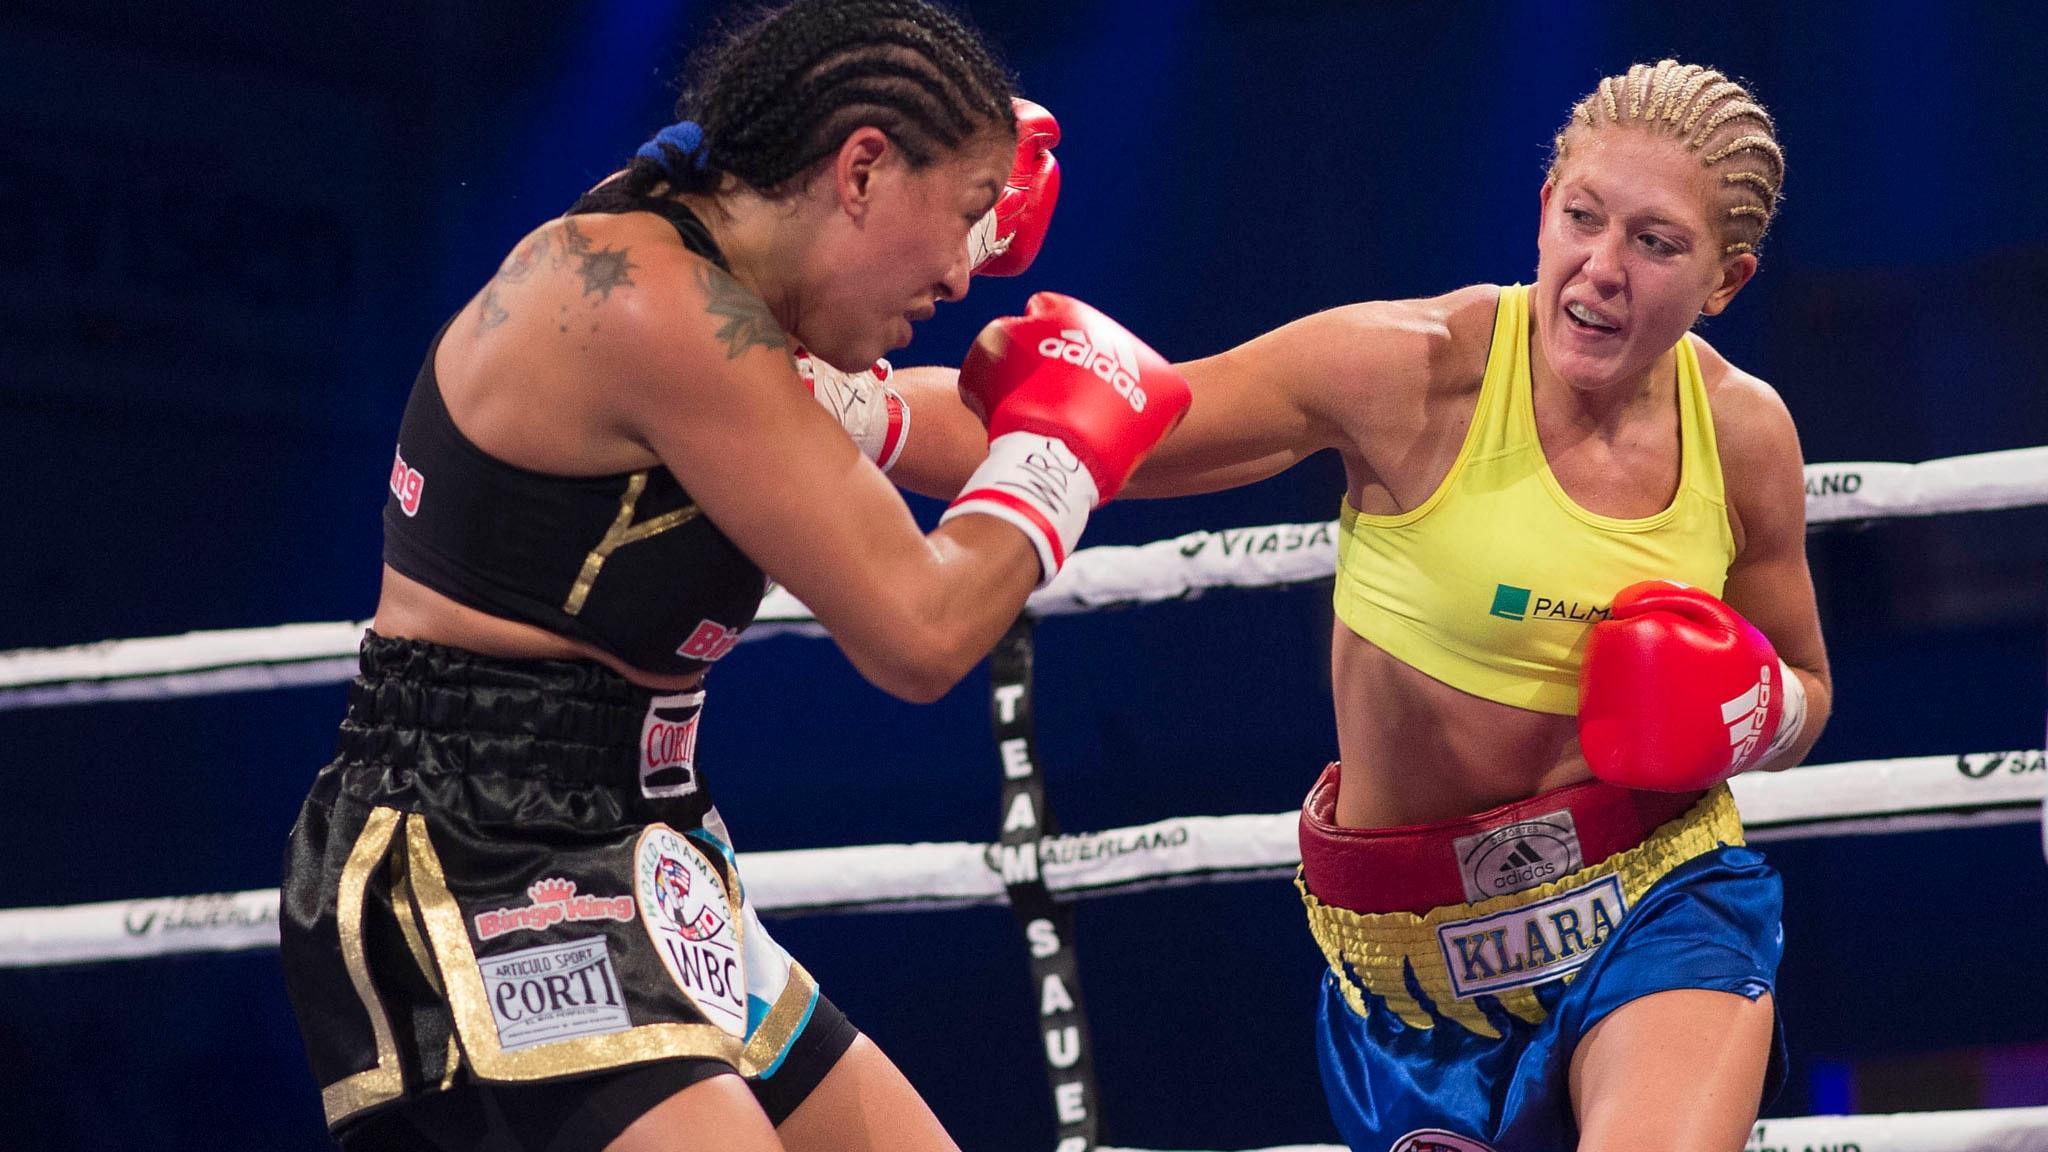 Klara Svensson förlorade titelmatchen mot argentinskan Erica Farias. Foto: Thomas Sjørup/TT.